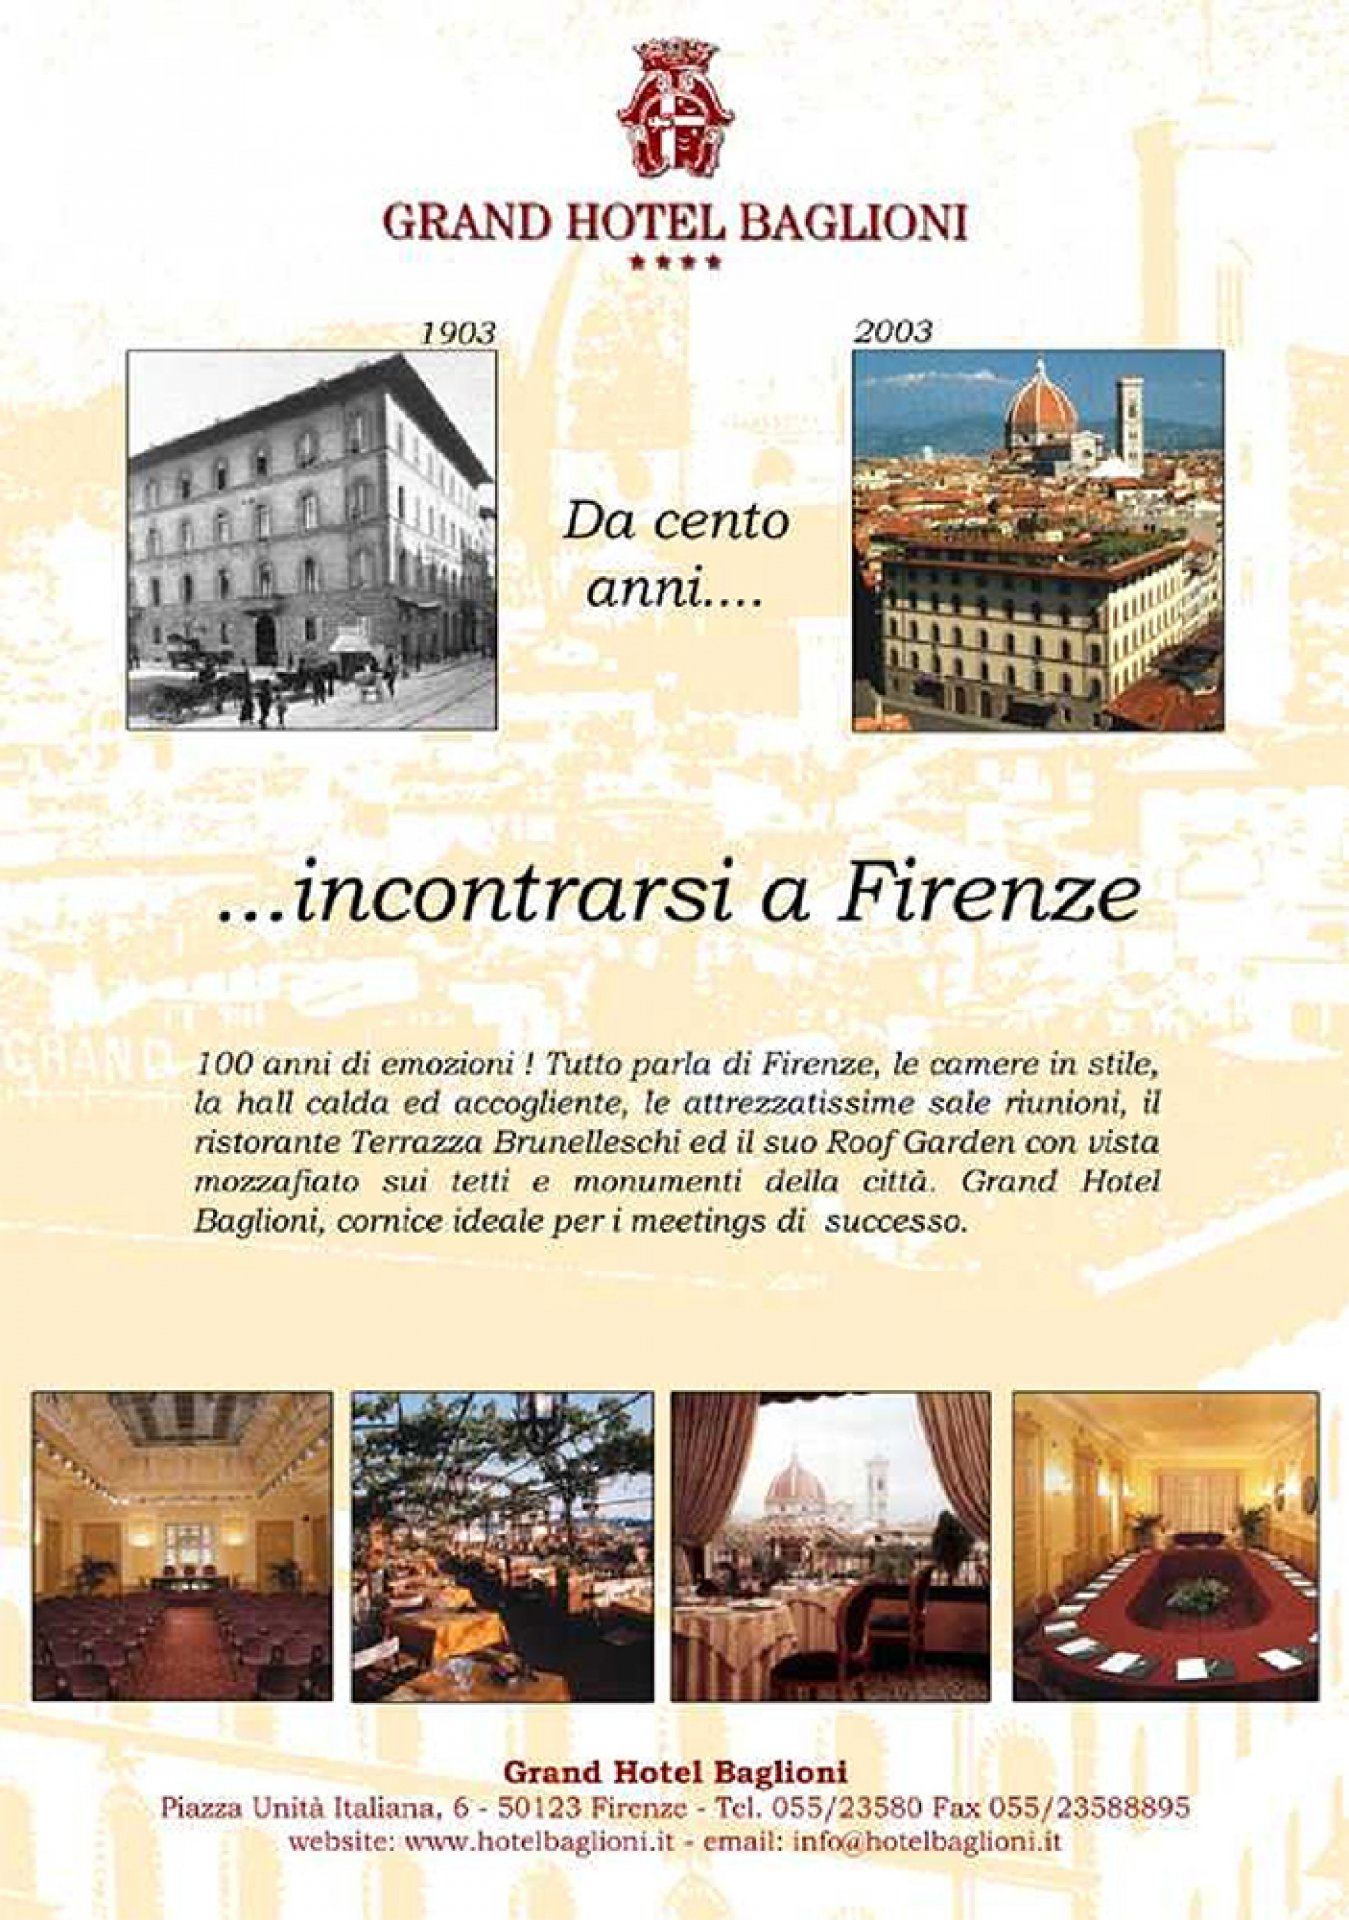 Advertising Grand Hotel Baglioni Firenze